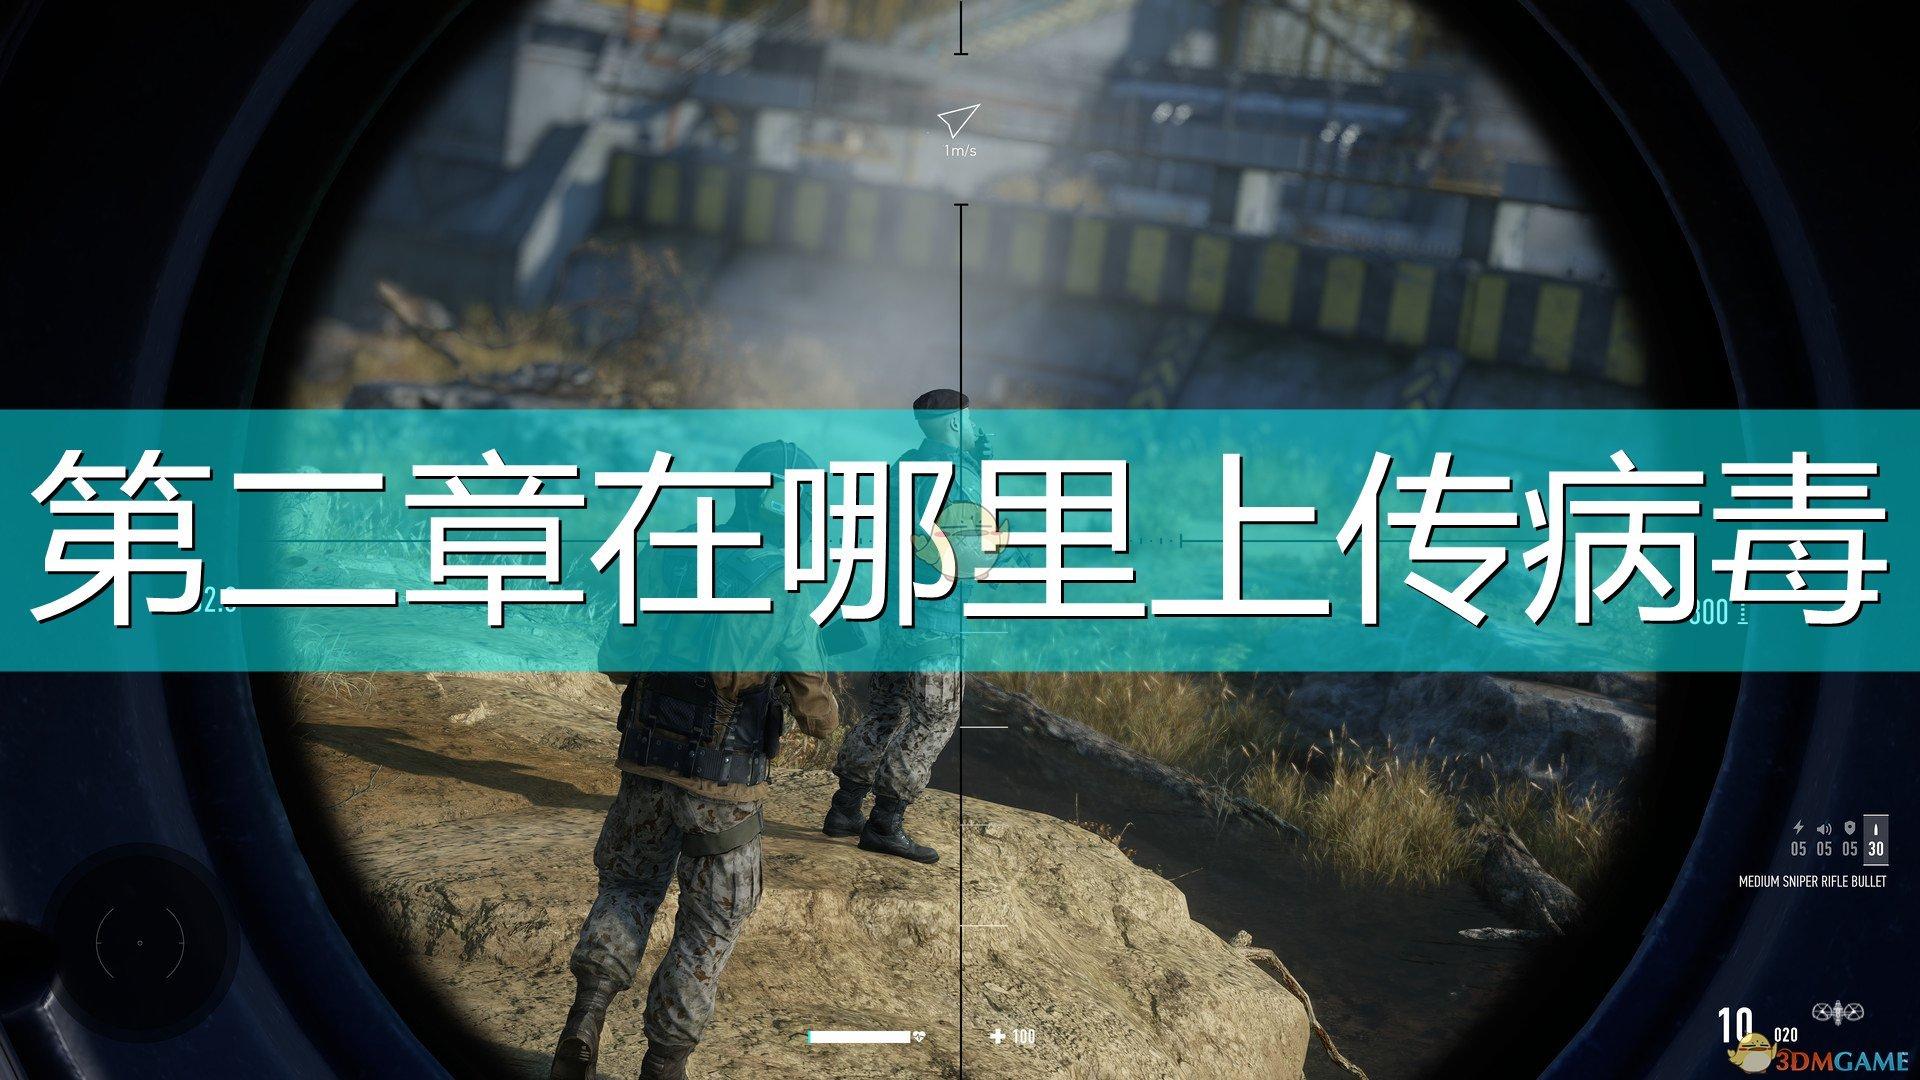 《狙击手:幽灵战士契约2》第二章上传病毒位置介绍